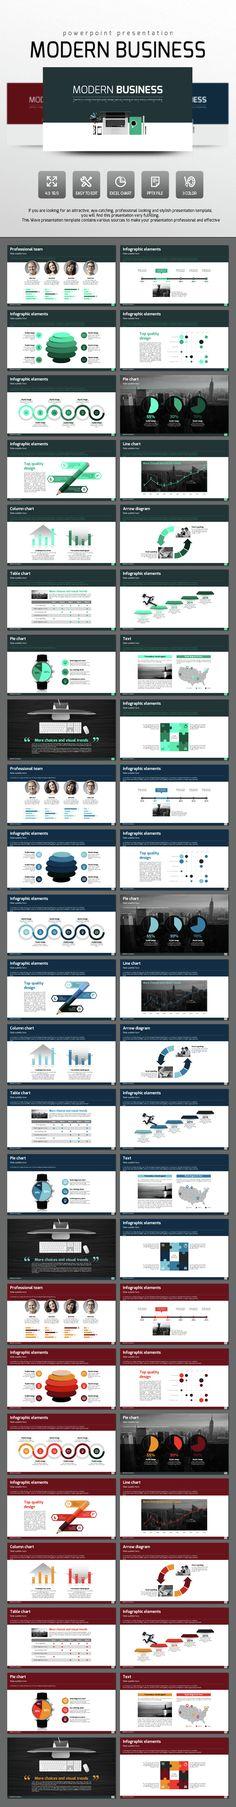 Modern Business (PowerPoint Templates)